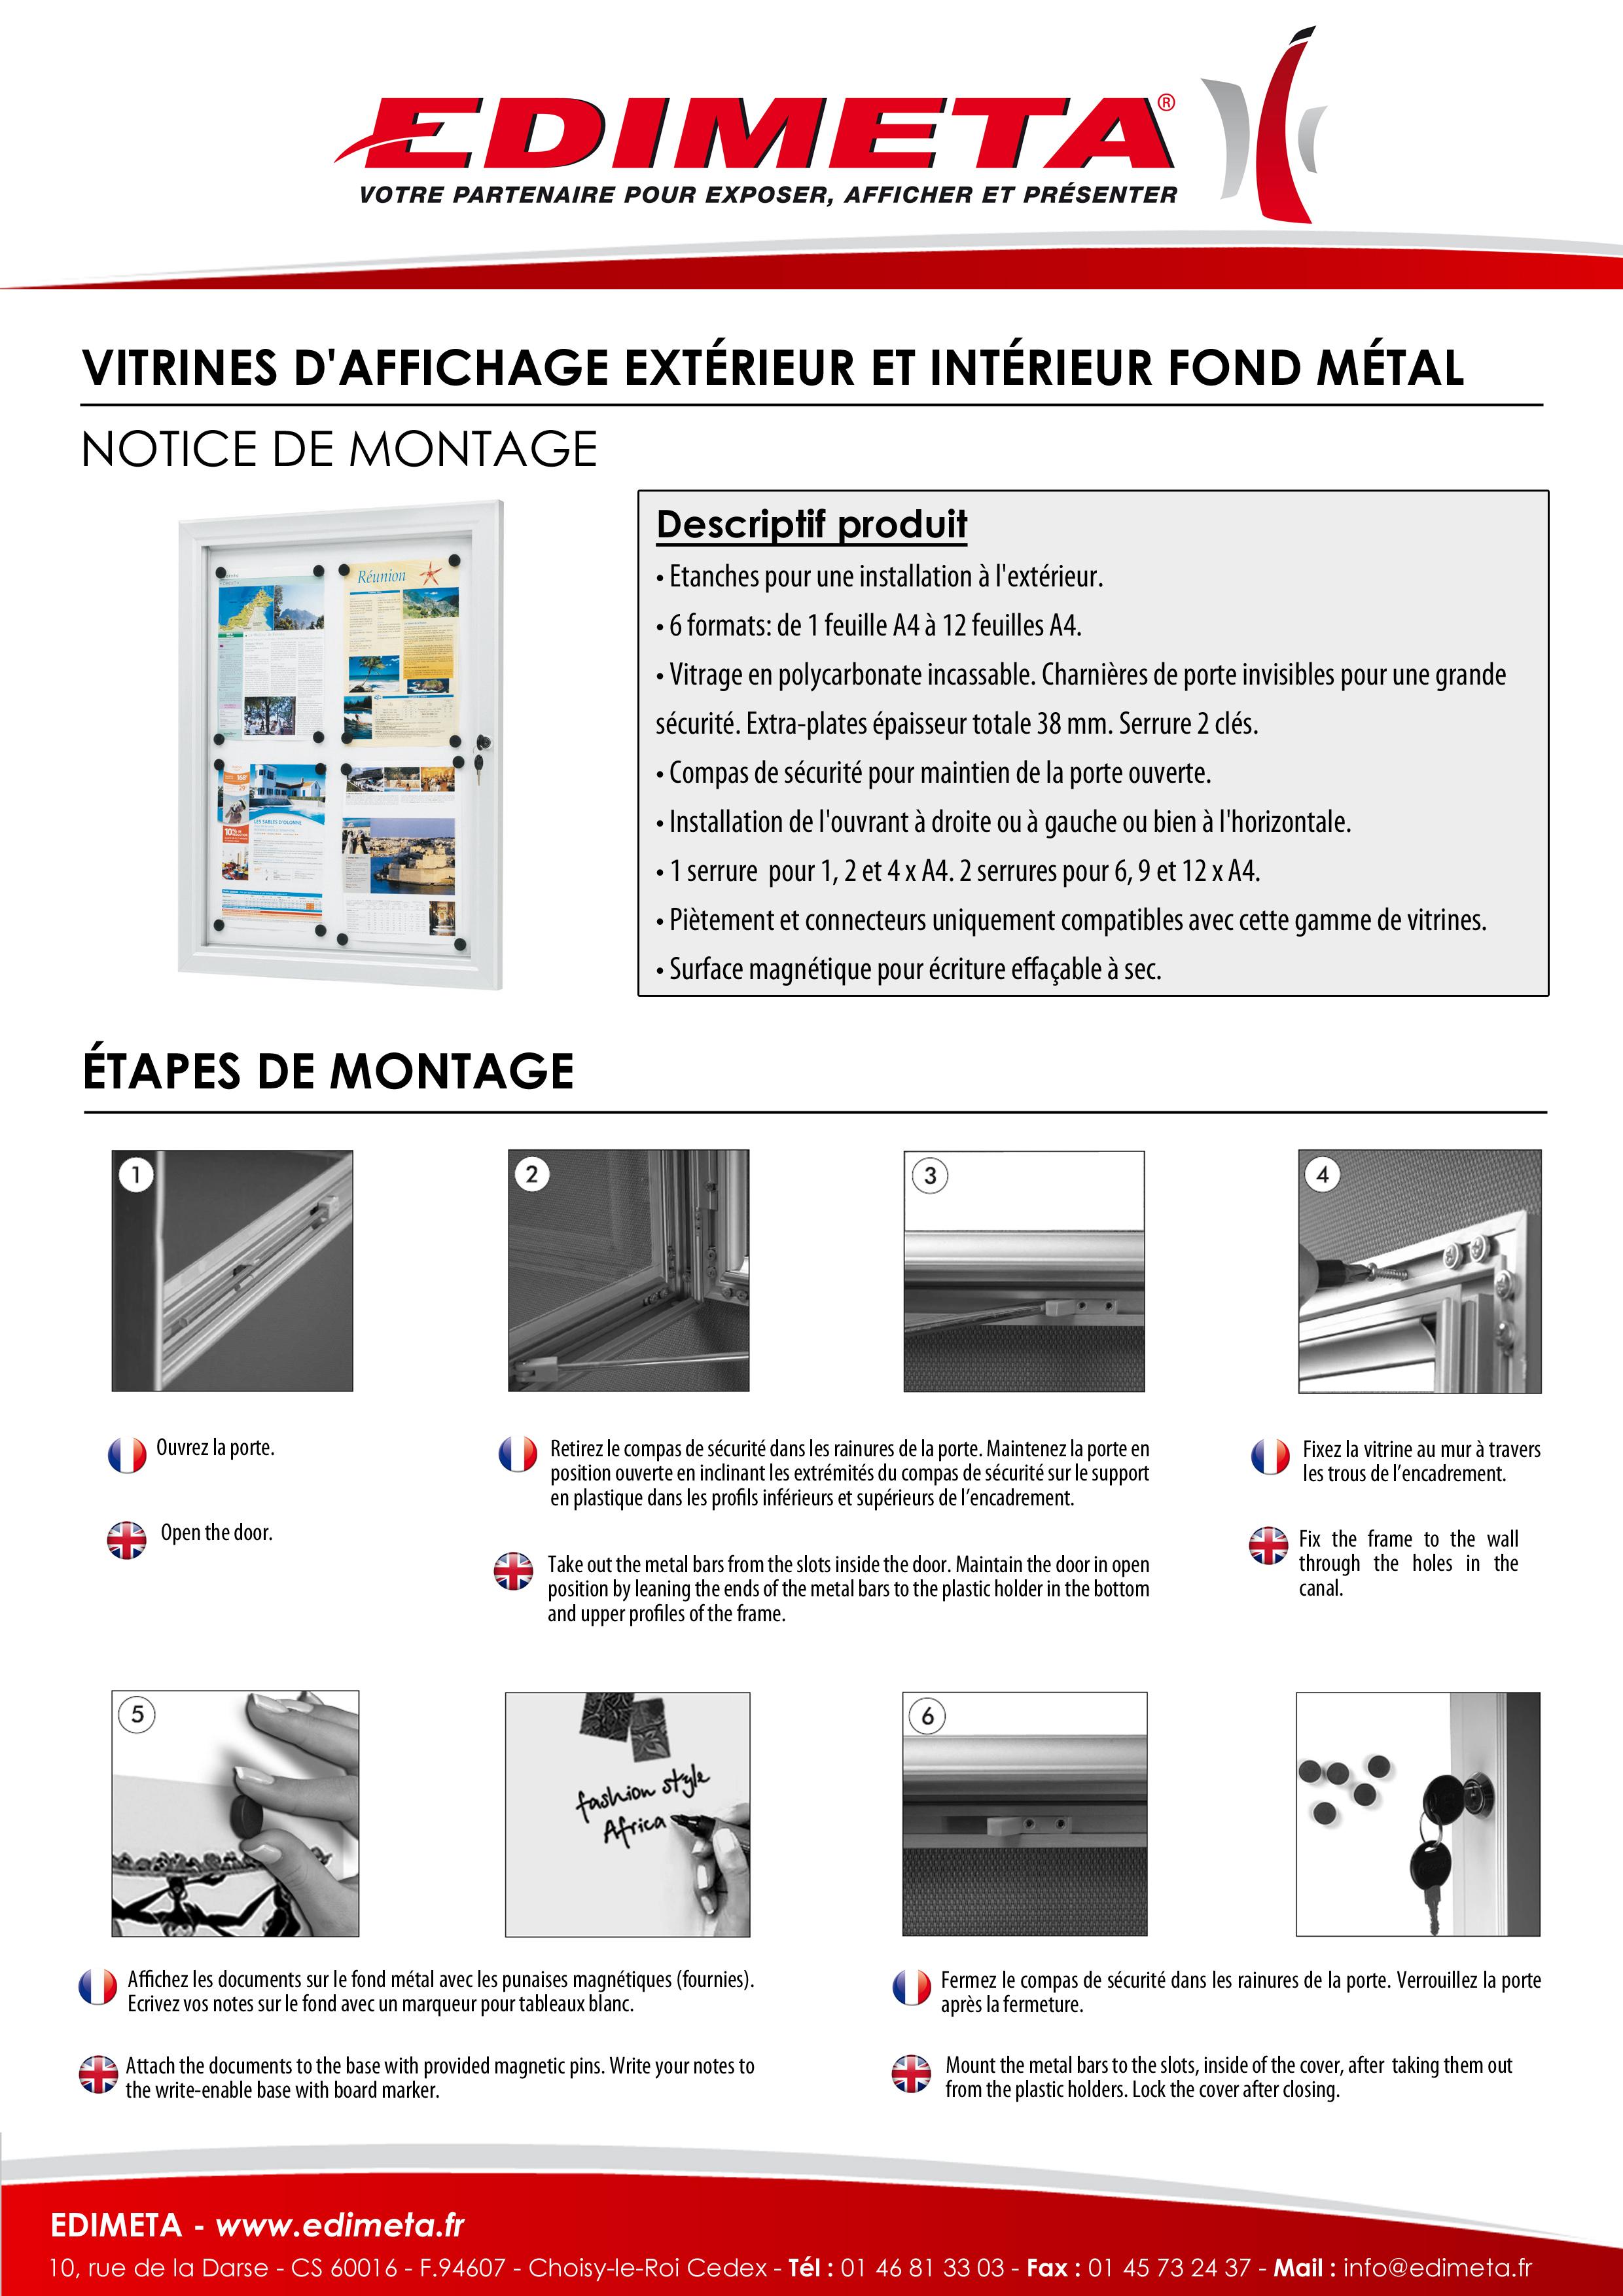 NOTICE DE MONTAGE : VITRINES D'AFFICHAGE EXTÉRIEUR ET INTÉRIEUR FOND MÉTAL